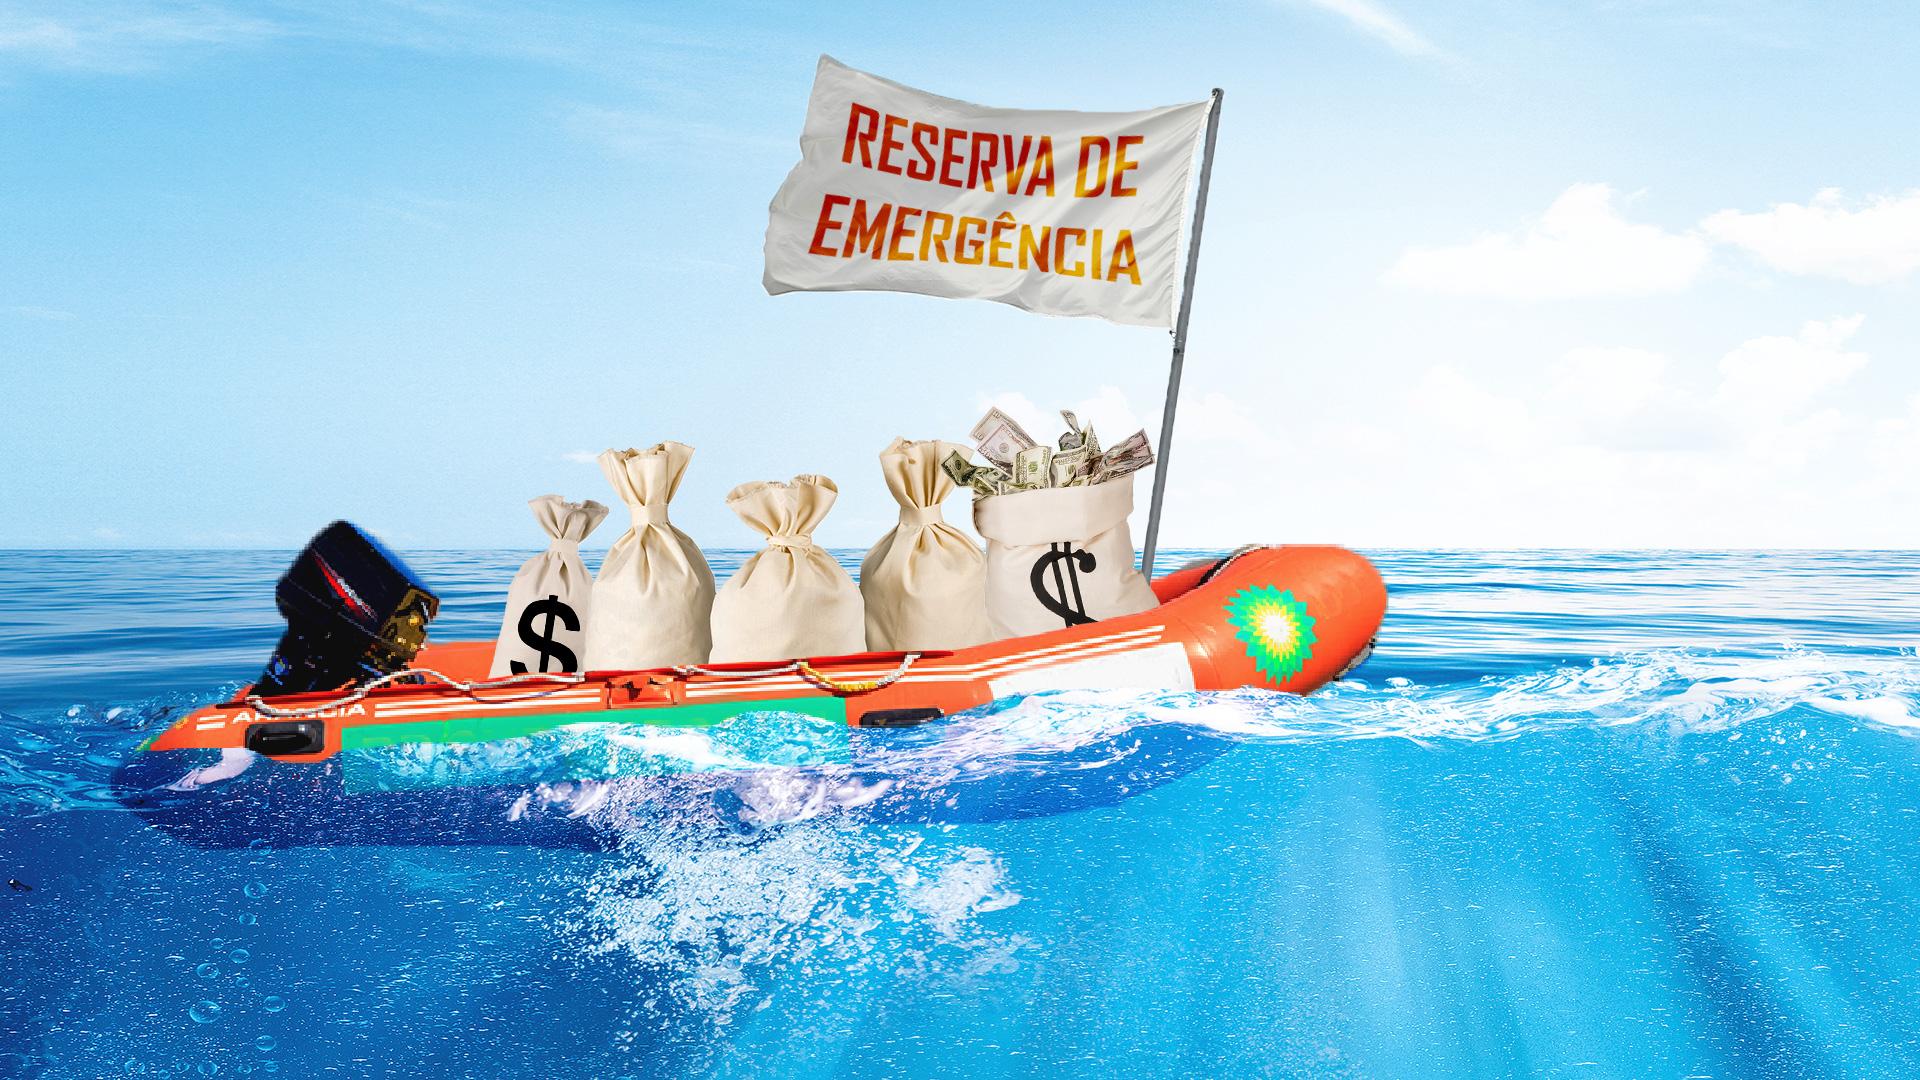 Bote com sacos de dinheiro representa reserva de emergência